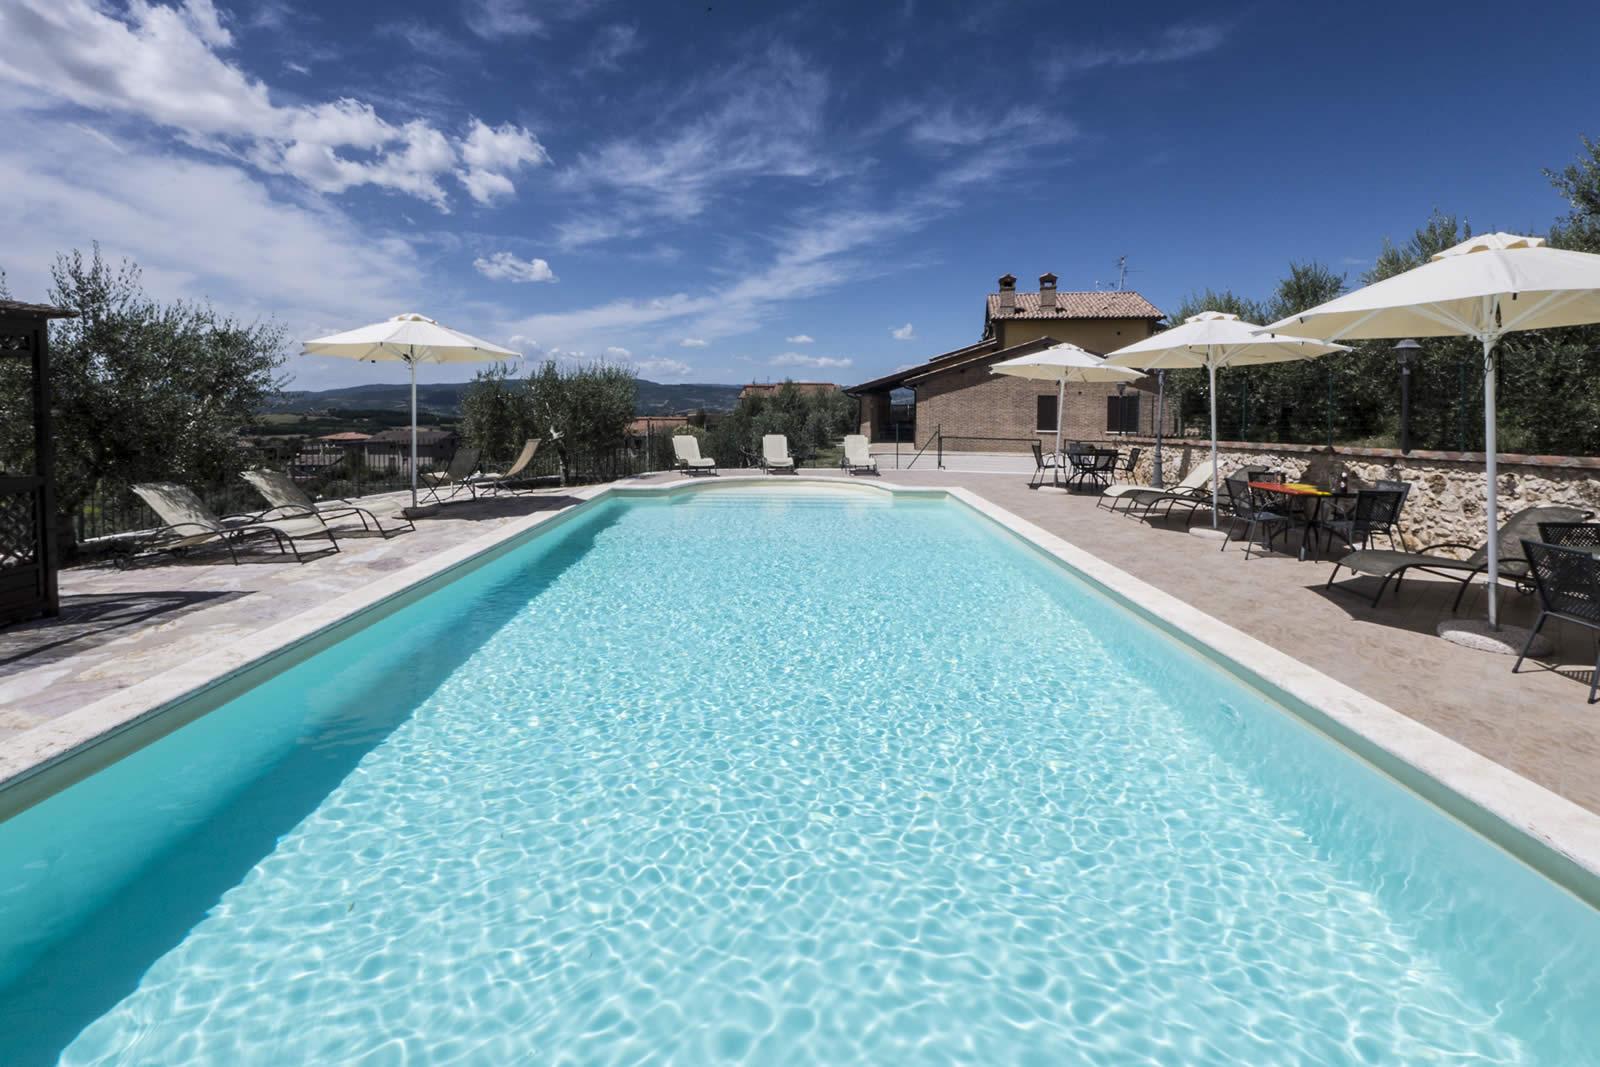 Vacanze a Todi con Piscina